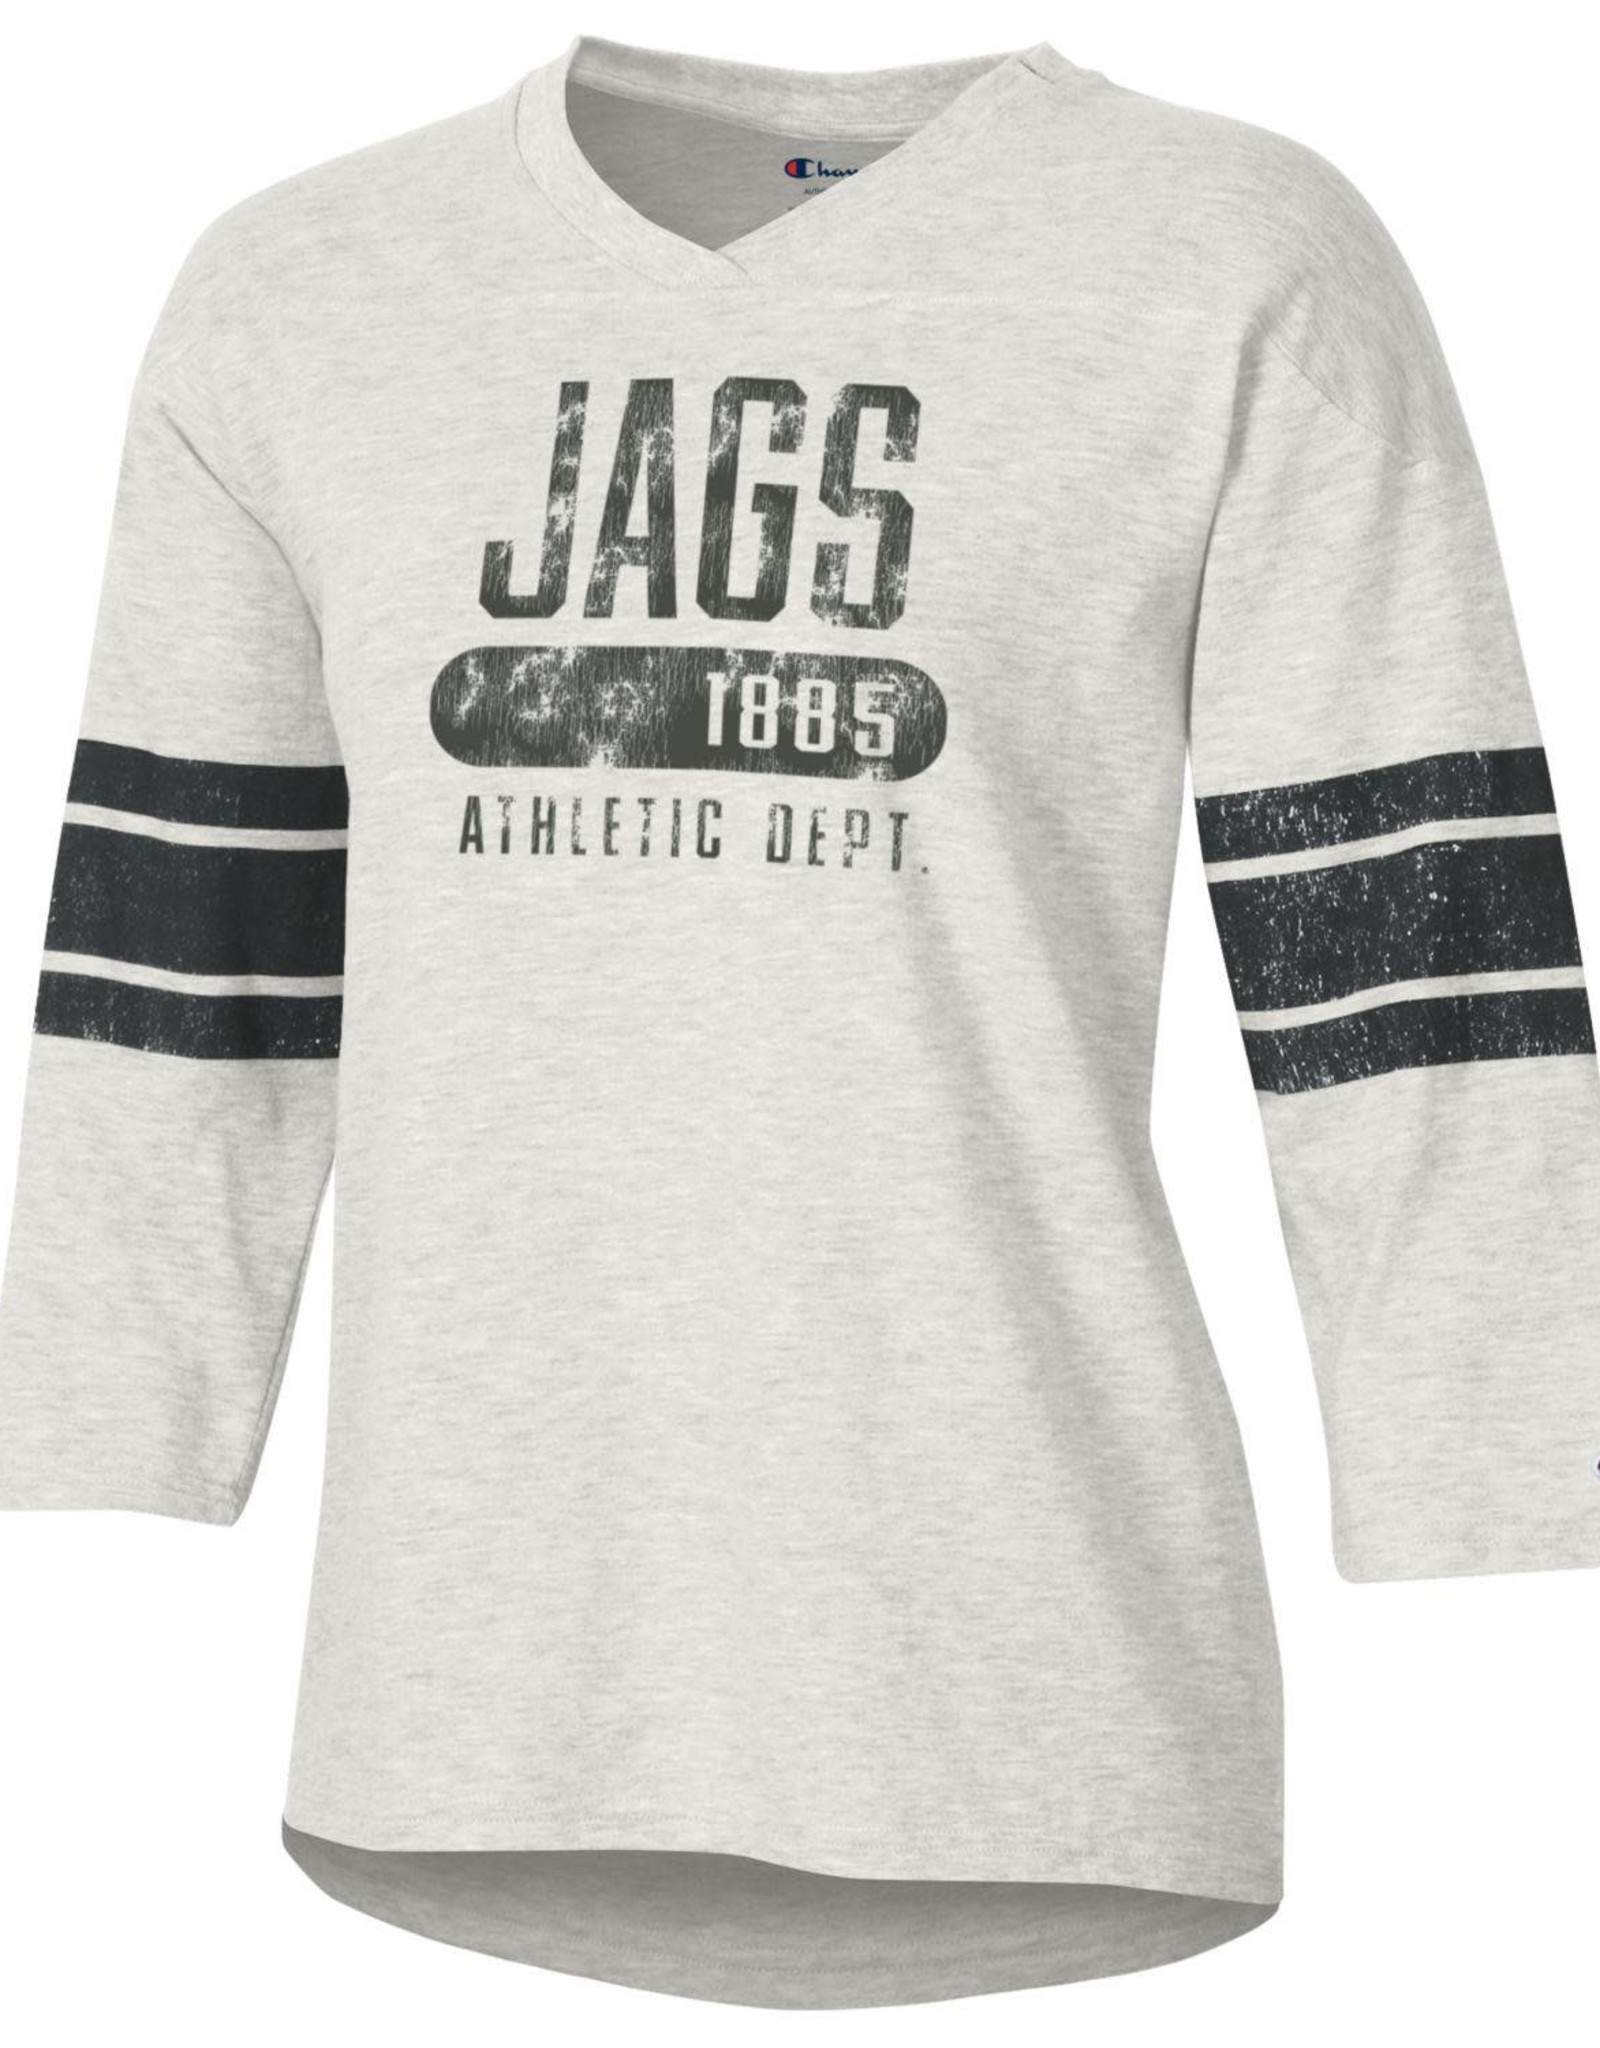 Jags Athletic Dept. 3/4 sleeve Football Tee